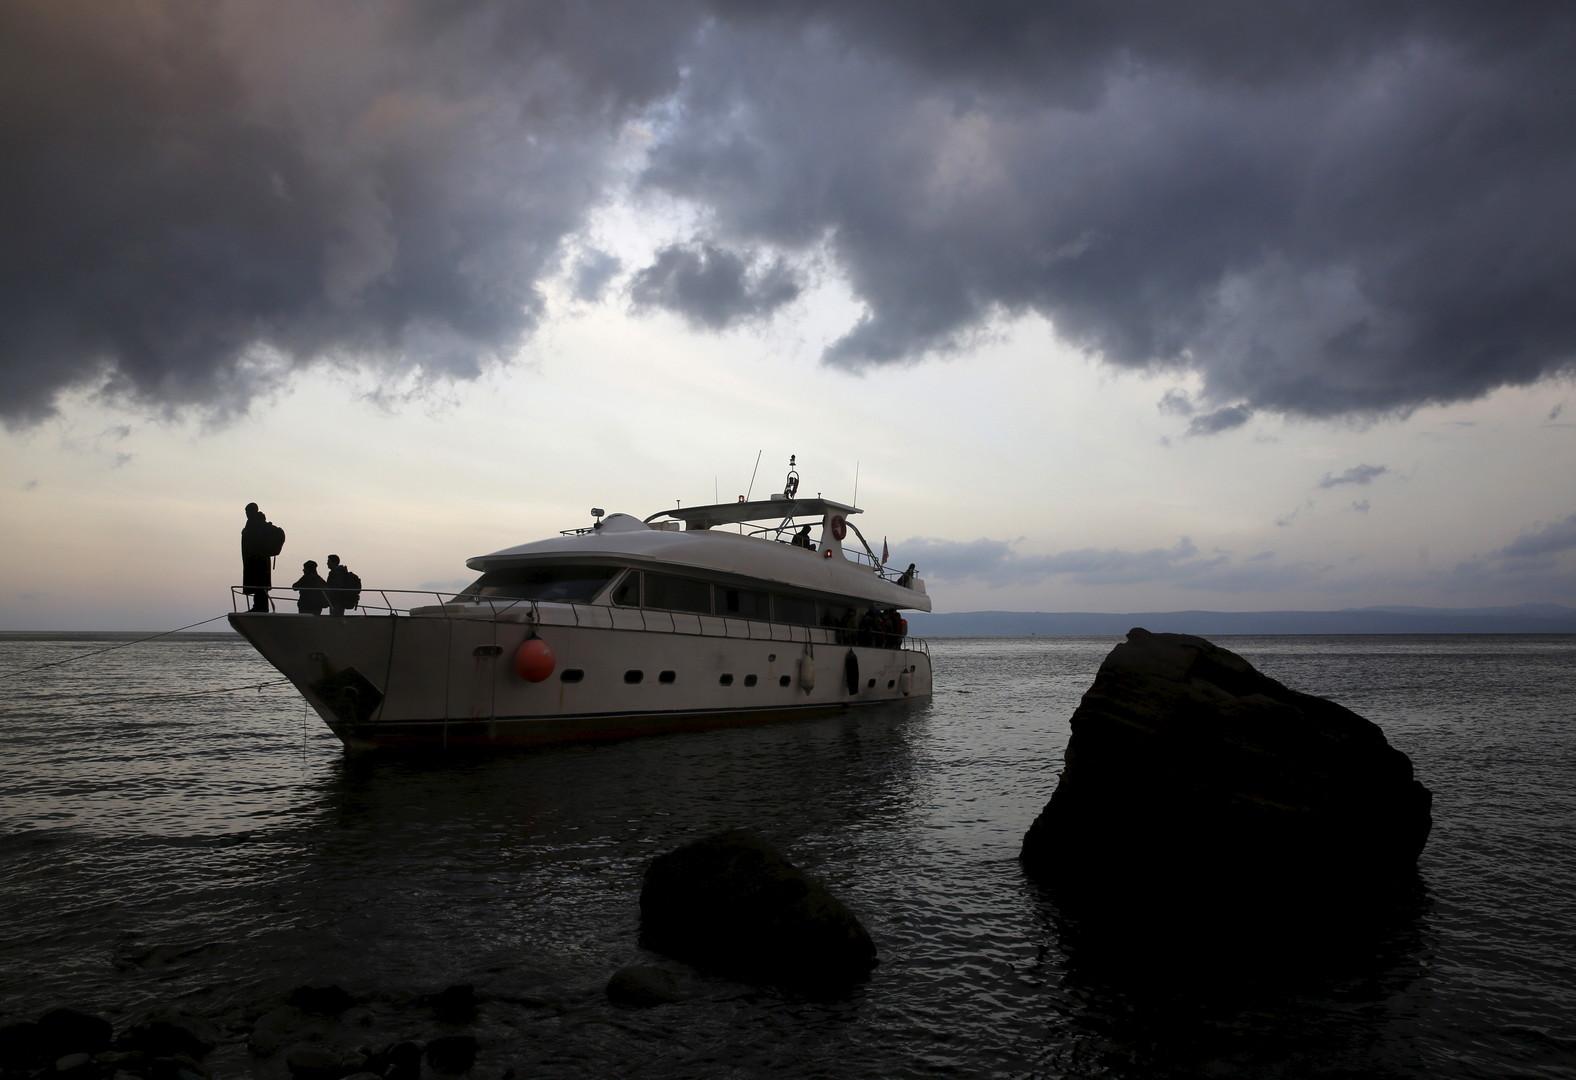 Des réfugiés syriens en provenance de Turquie attendent de débarquer d'un yacht sur l'île de Lesbos en novembre 2015